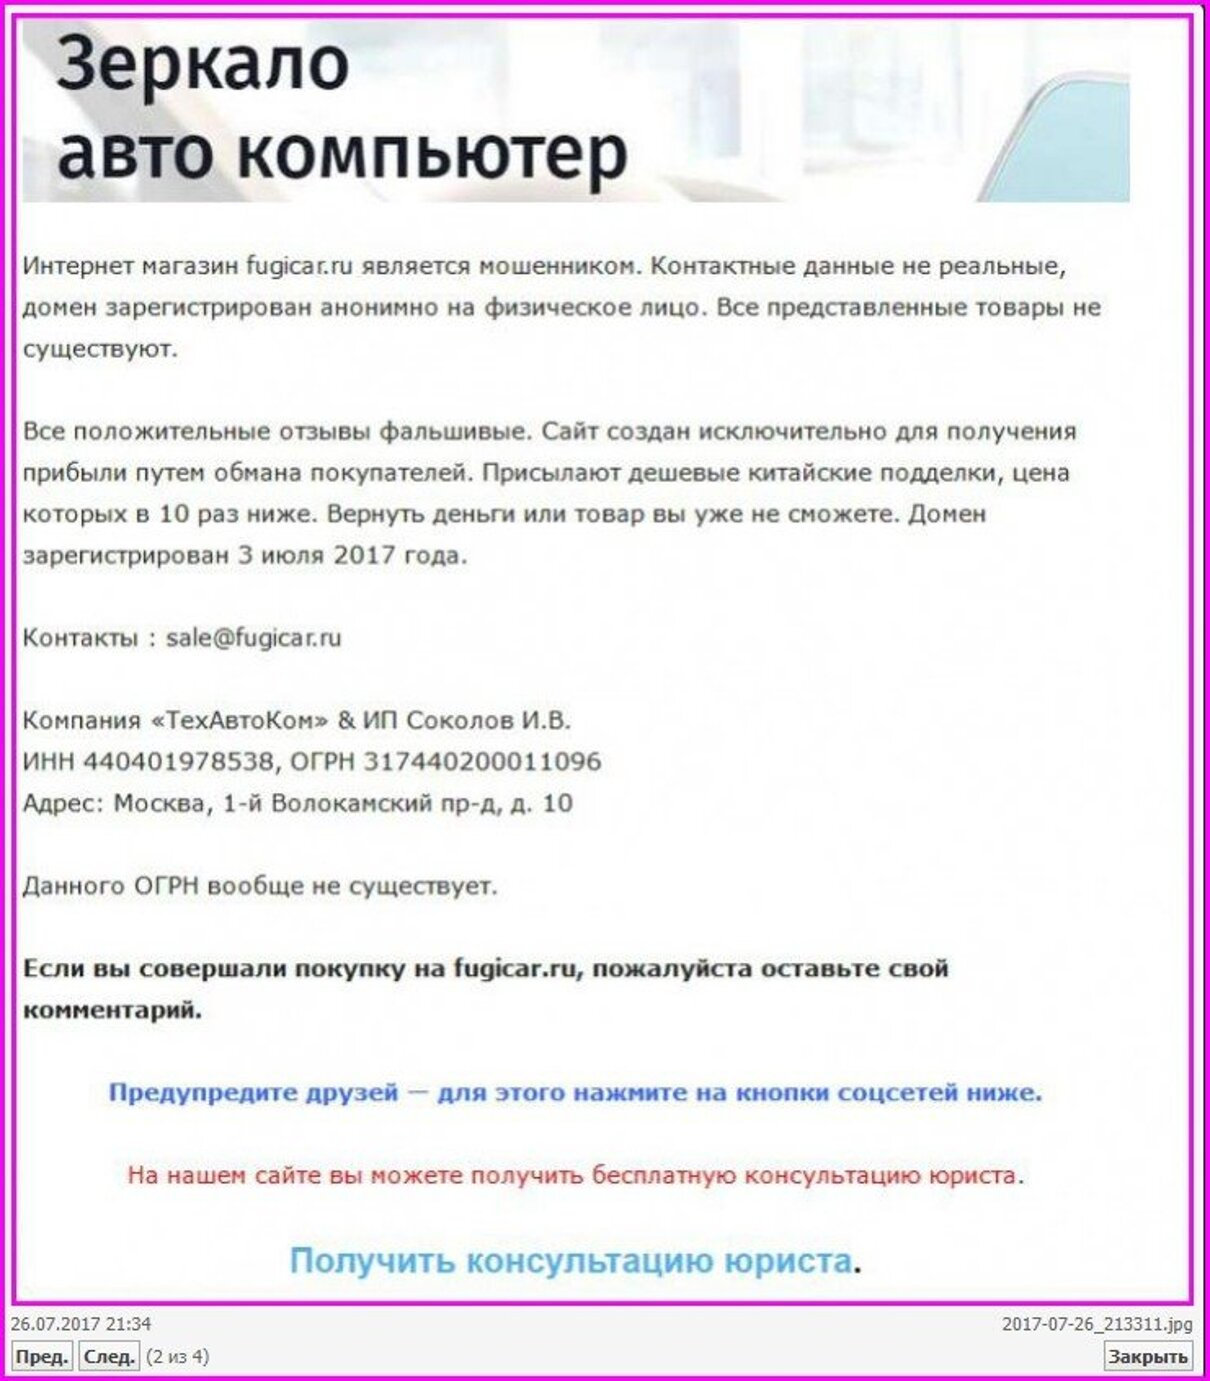 """Жалоба-отзыв: Интернет - магазин http://fugicar.ru, """"ТехАвтоКом"""" & ИП Соколов И.В. ИНН 440401978538, ОГРН 317440200011096 - Мошенничество в крупных размерах.  Фото №4"""